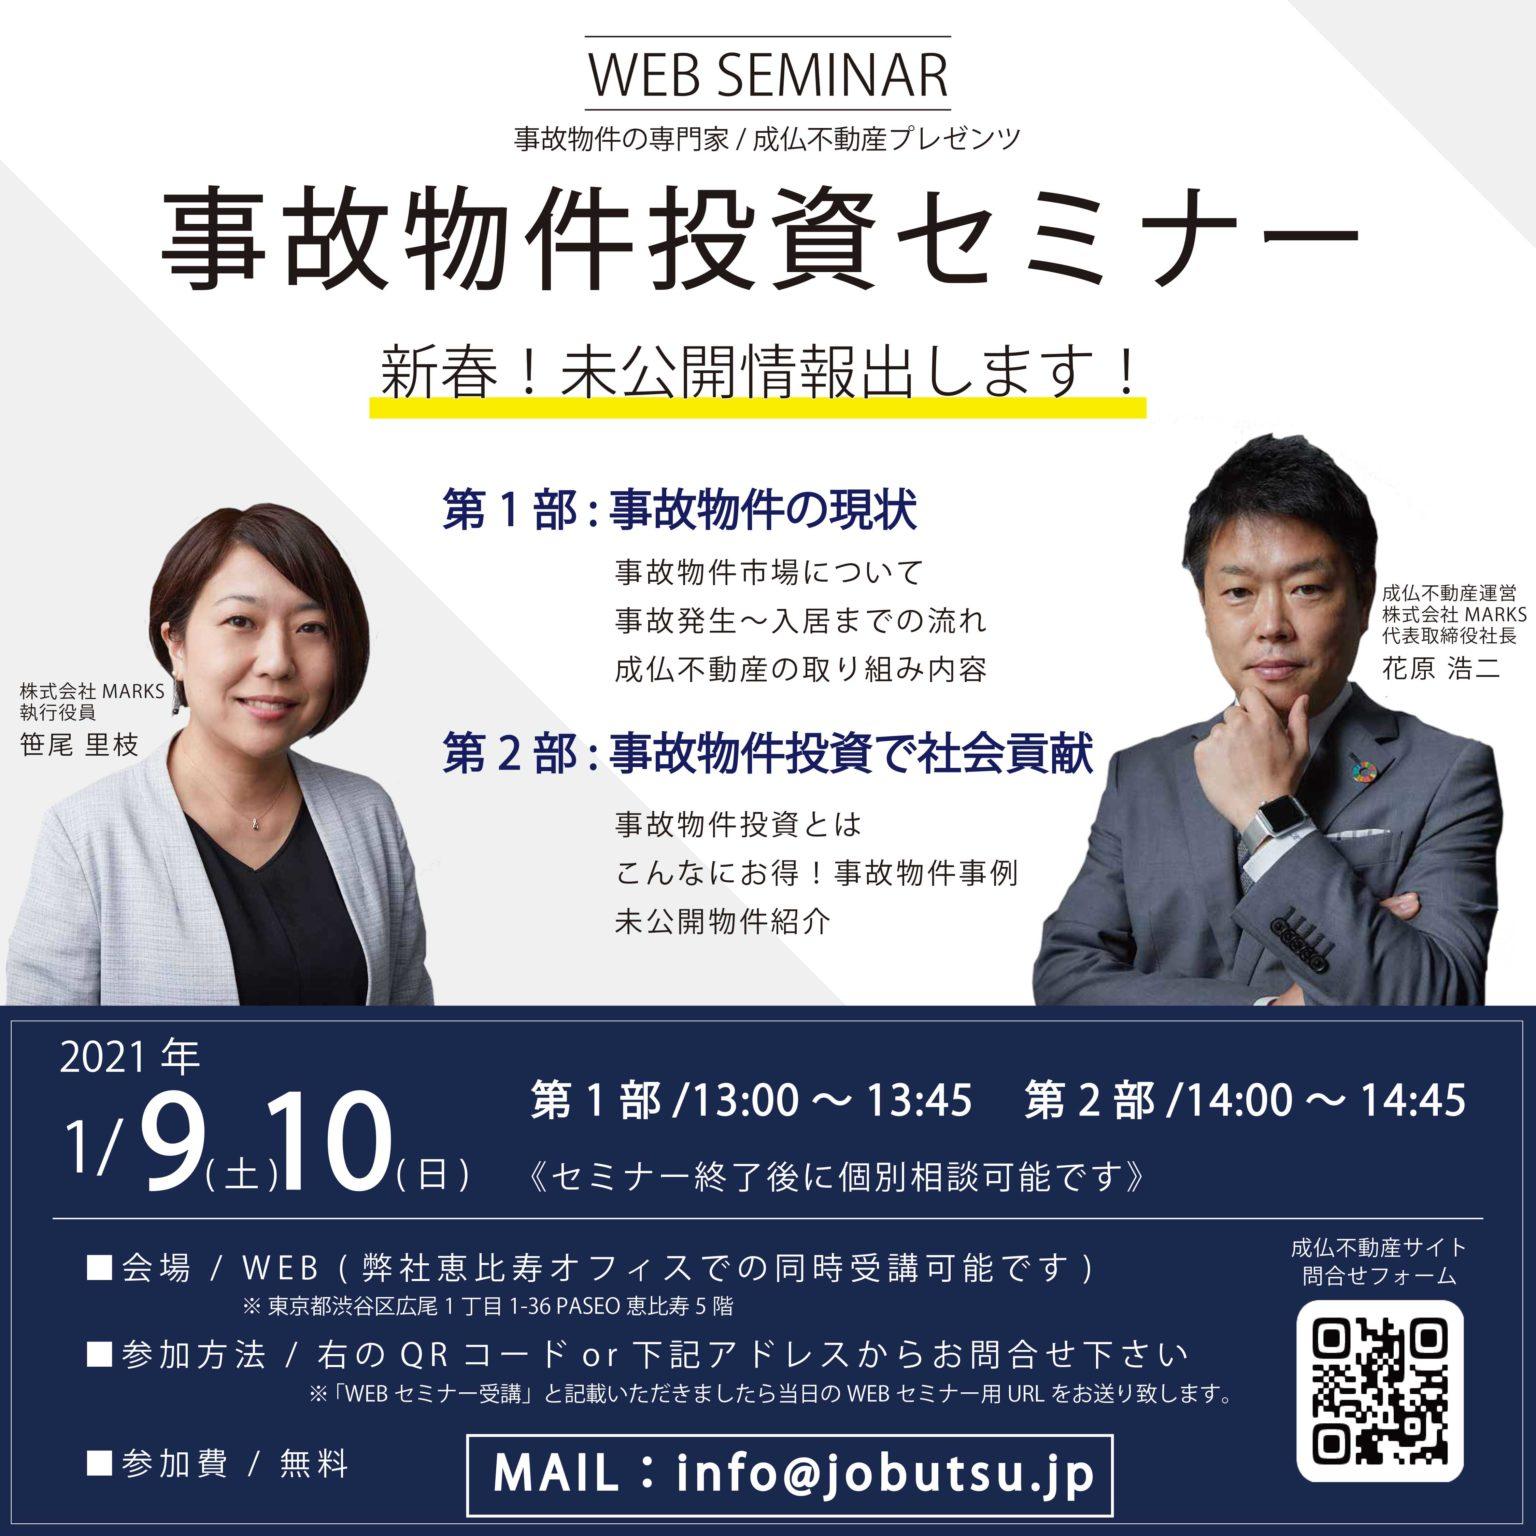 事故物件投資セミナーを開催ー成仏不動産( NIKKEI MARKS)